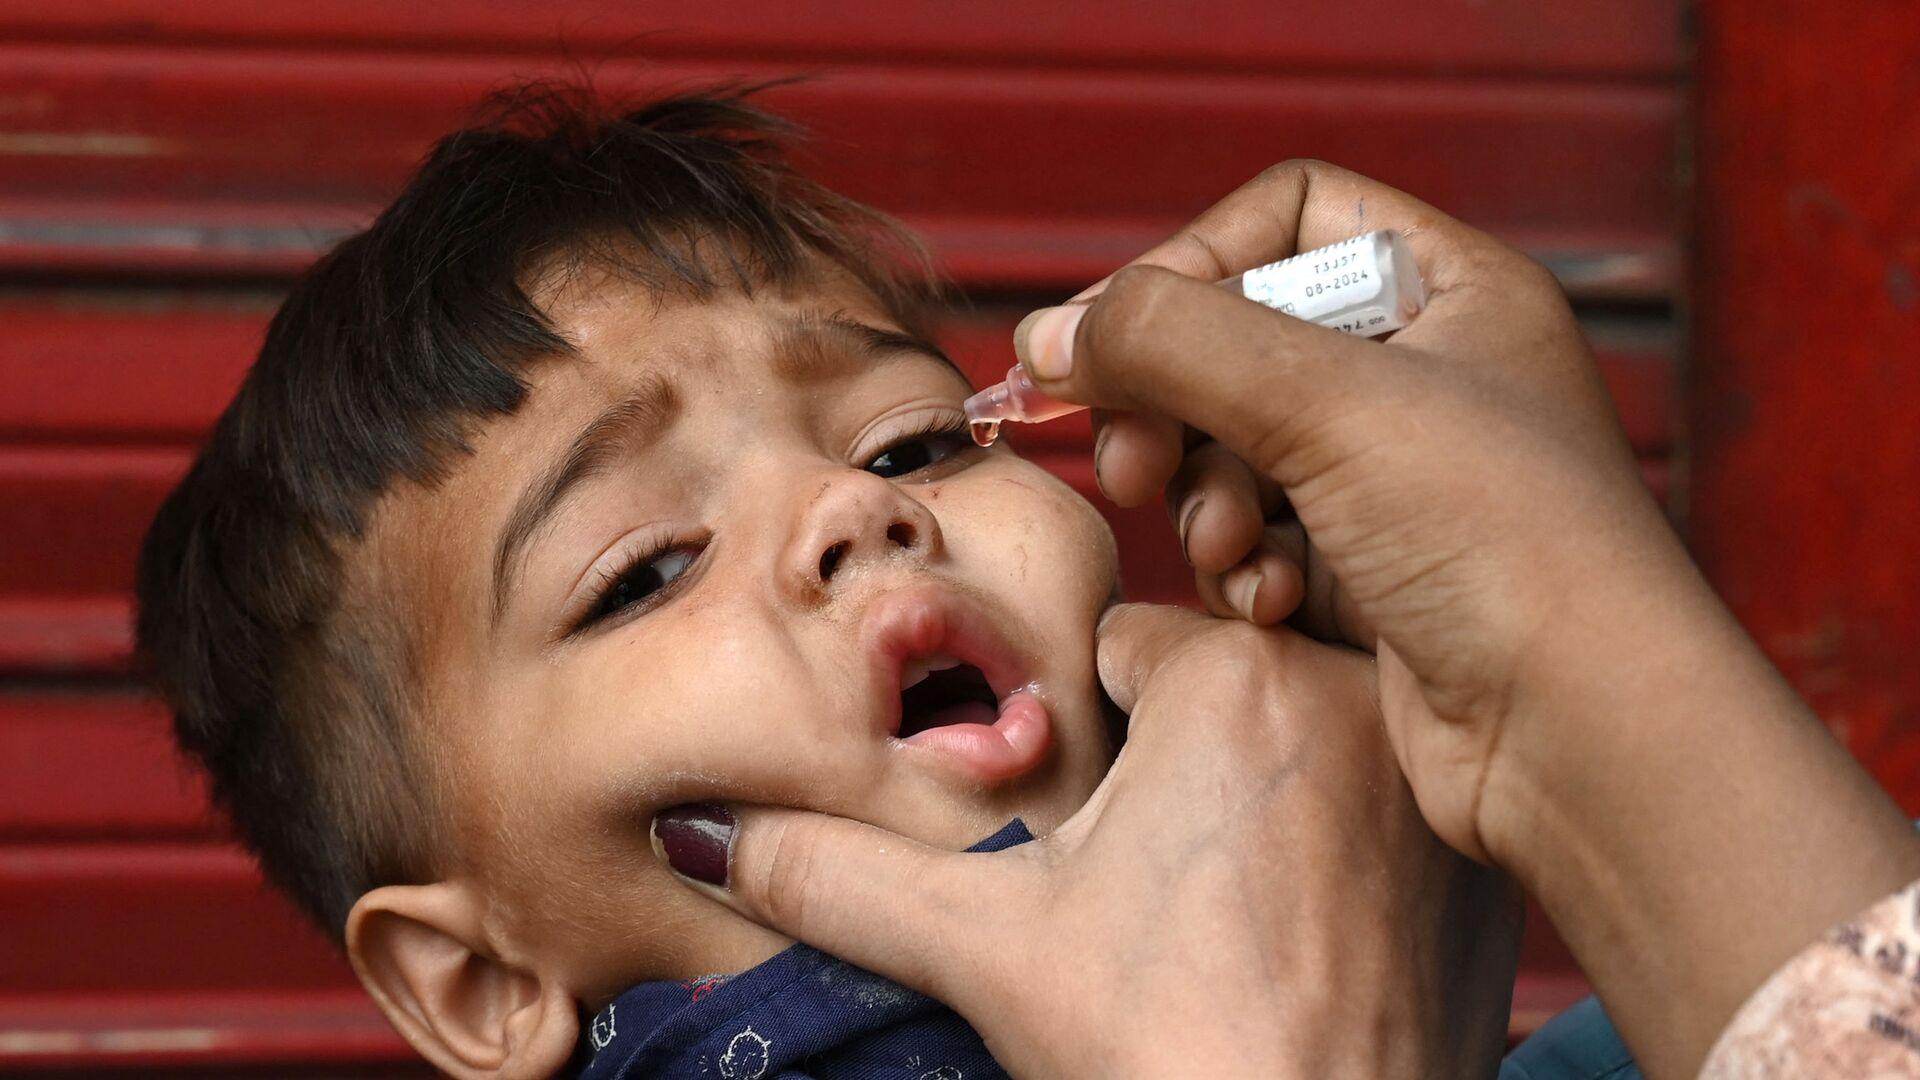 Медицинский работник вводит капли вакцины против полиомиелита ребенку - Sputnik Таджикистан, 1920, 17.09.2021